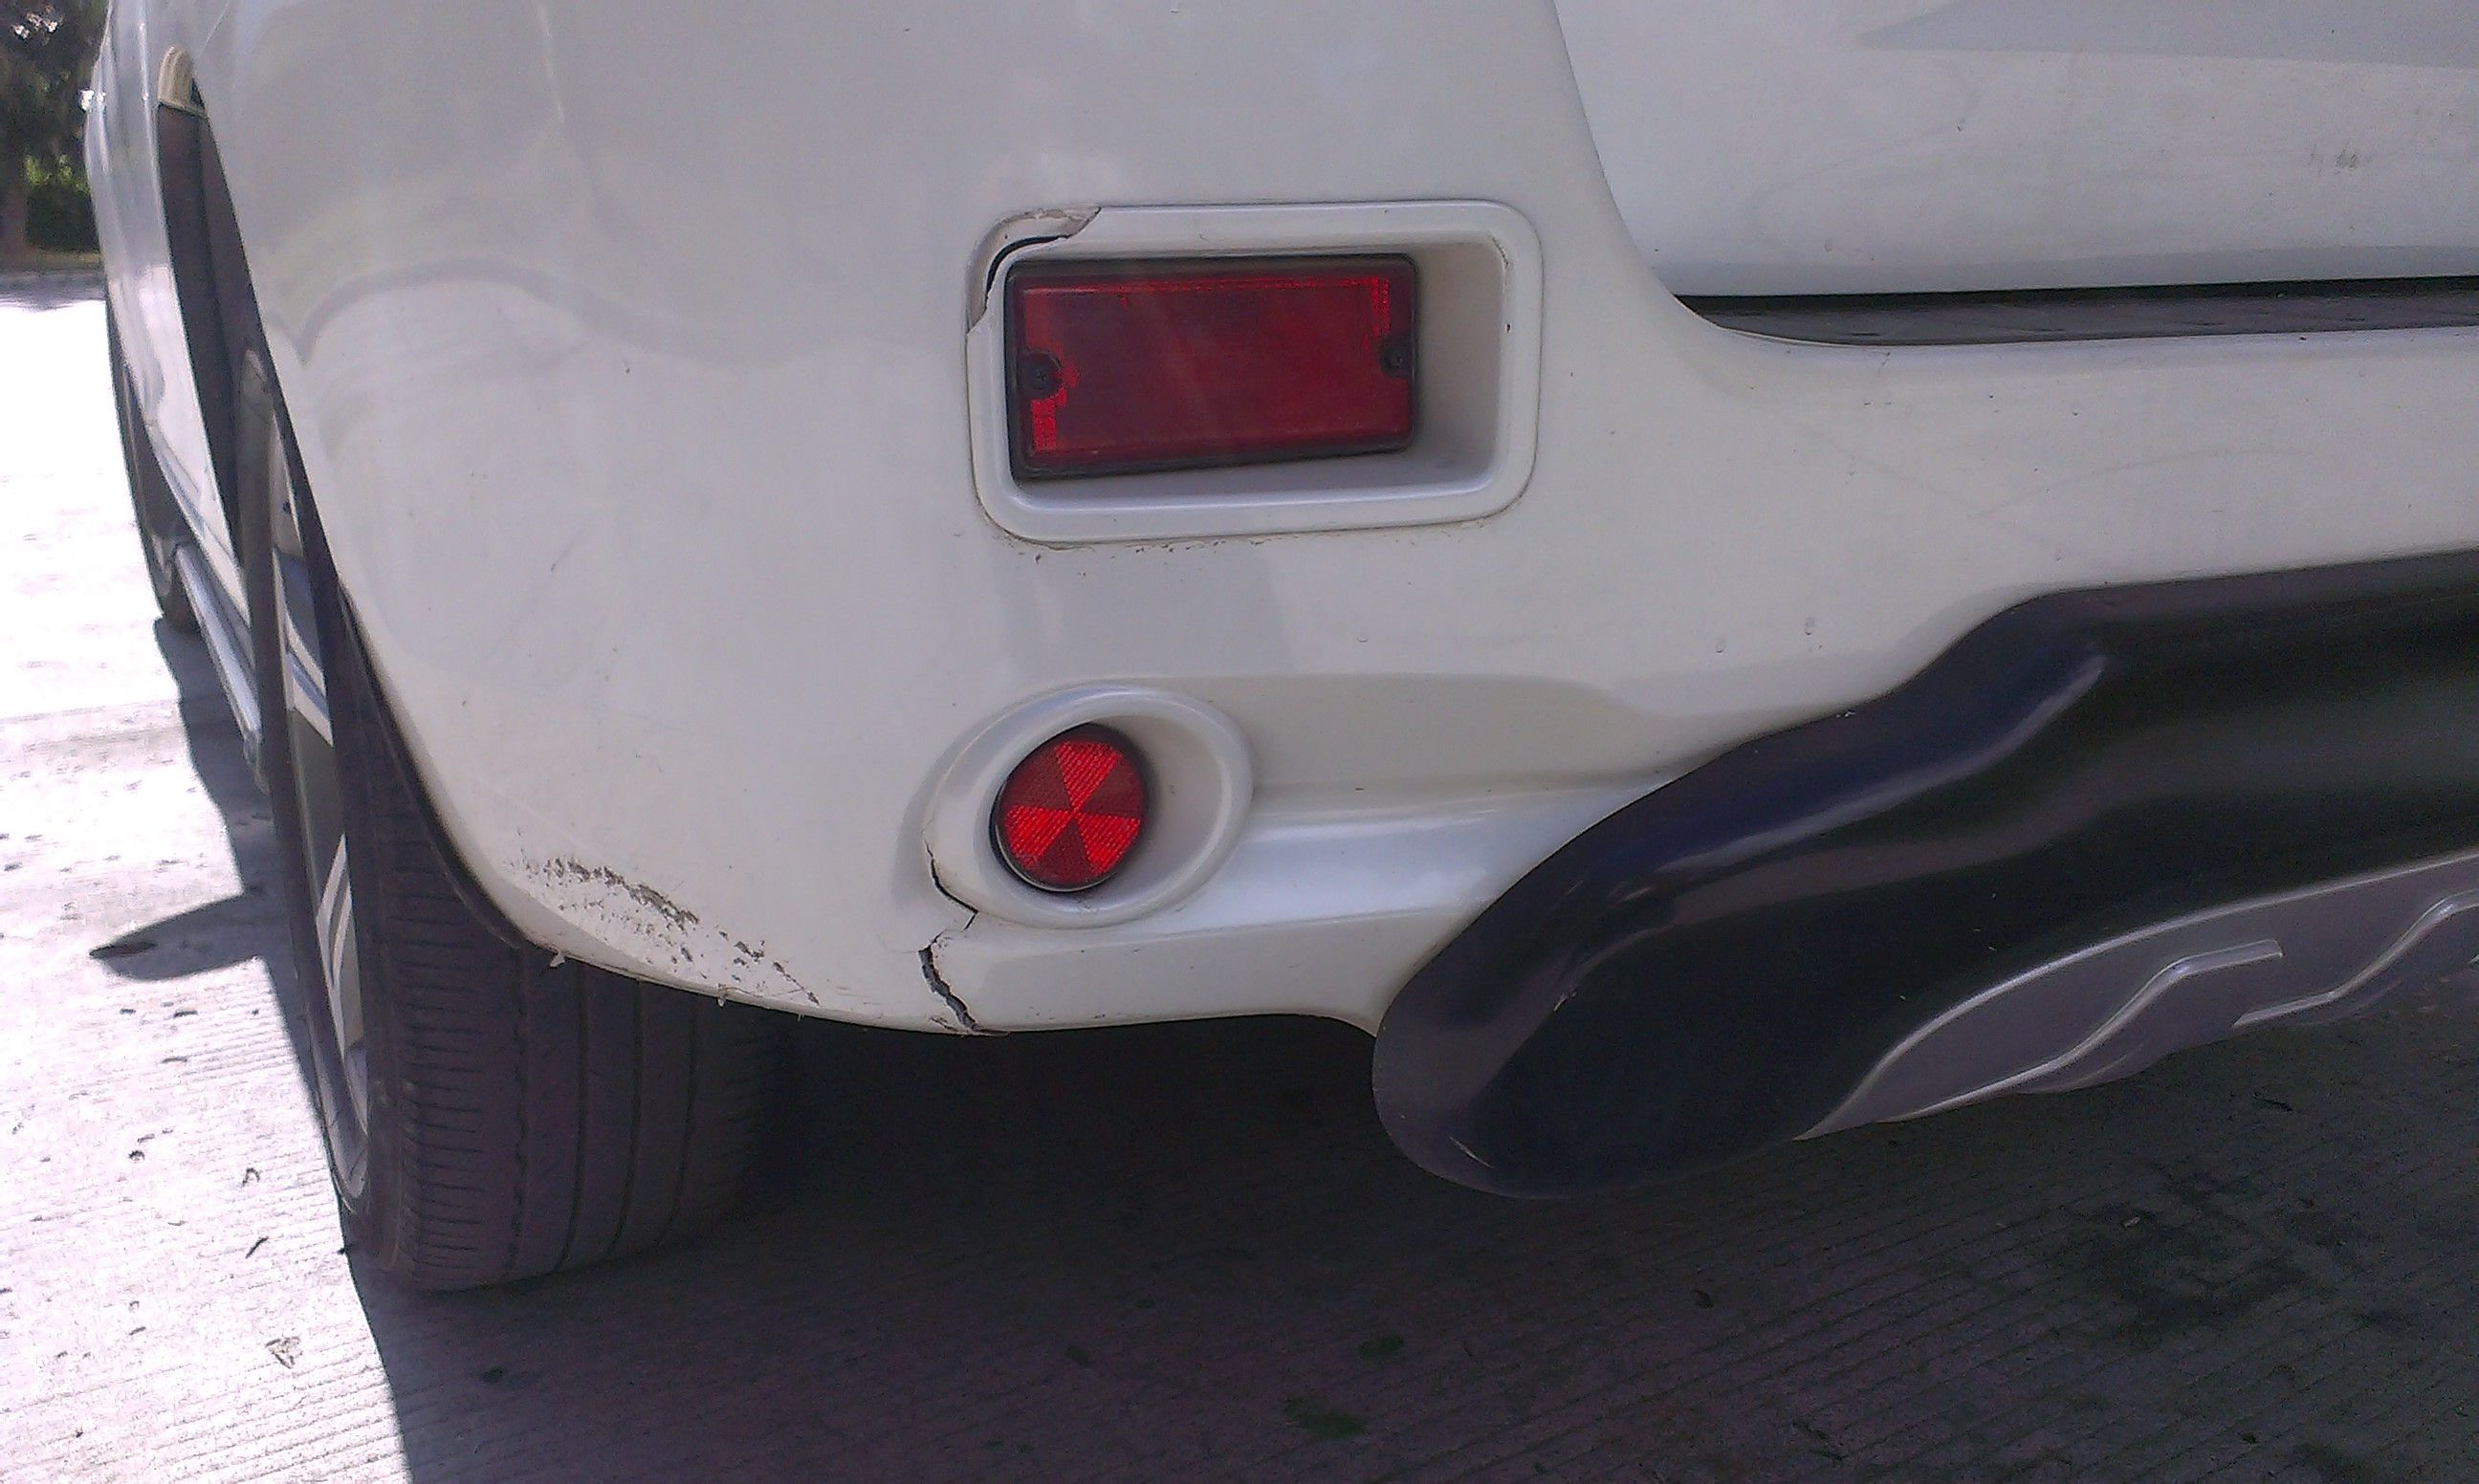 汽车单方事故 撞到墙上了 保险公司会赔偿吗 更换这些东西高清图片